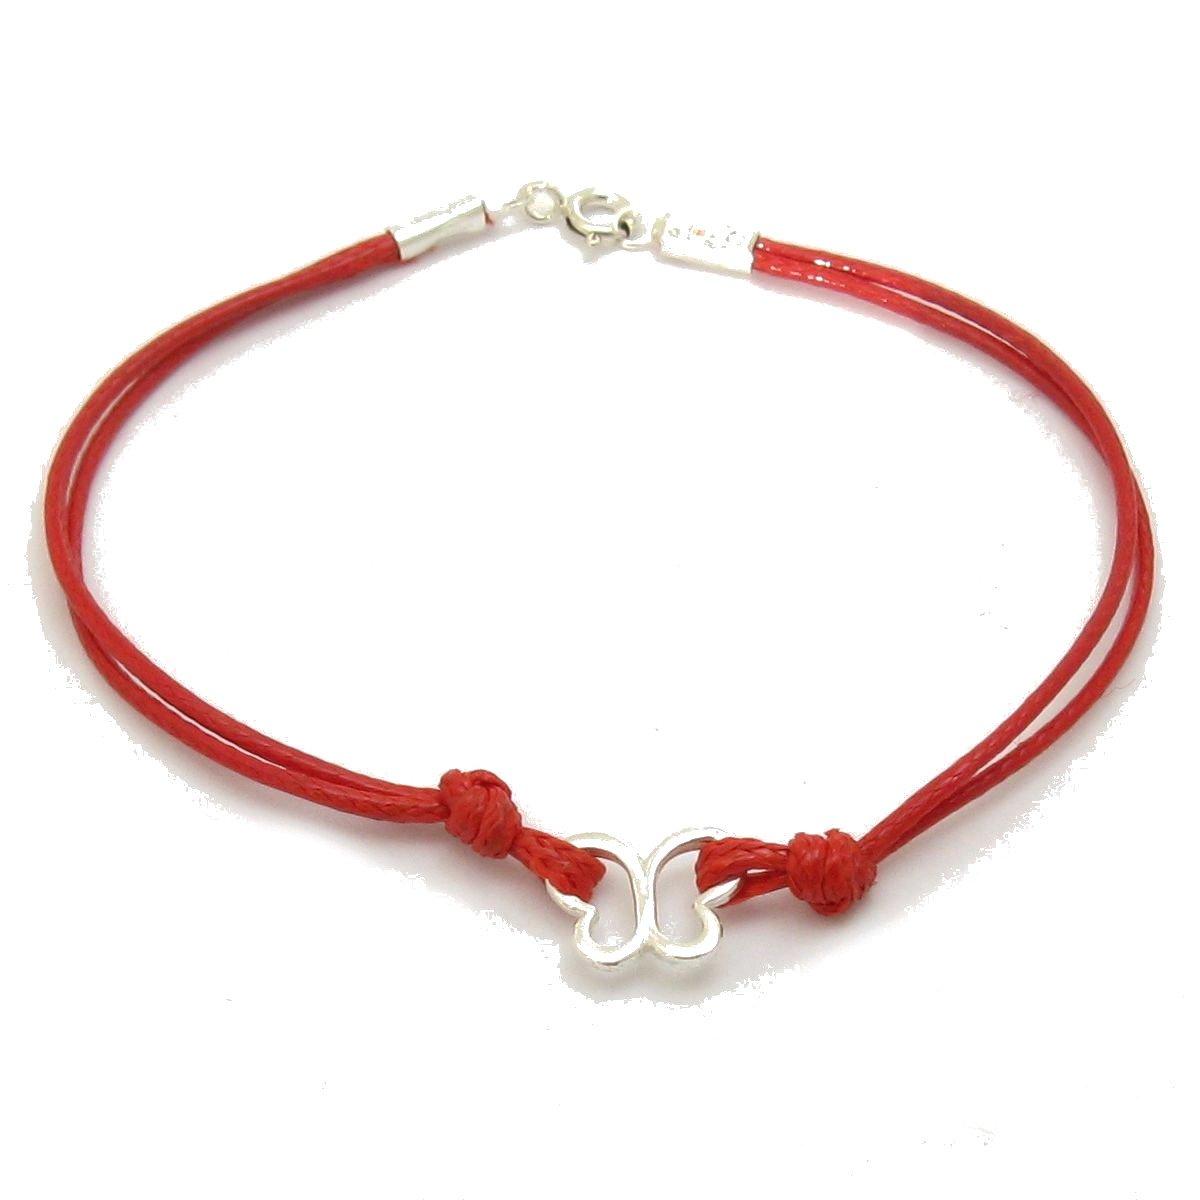 Pulsera de plata de ley 925 Mariposa con cuerda roja